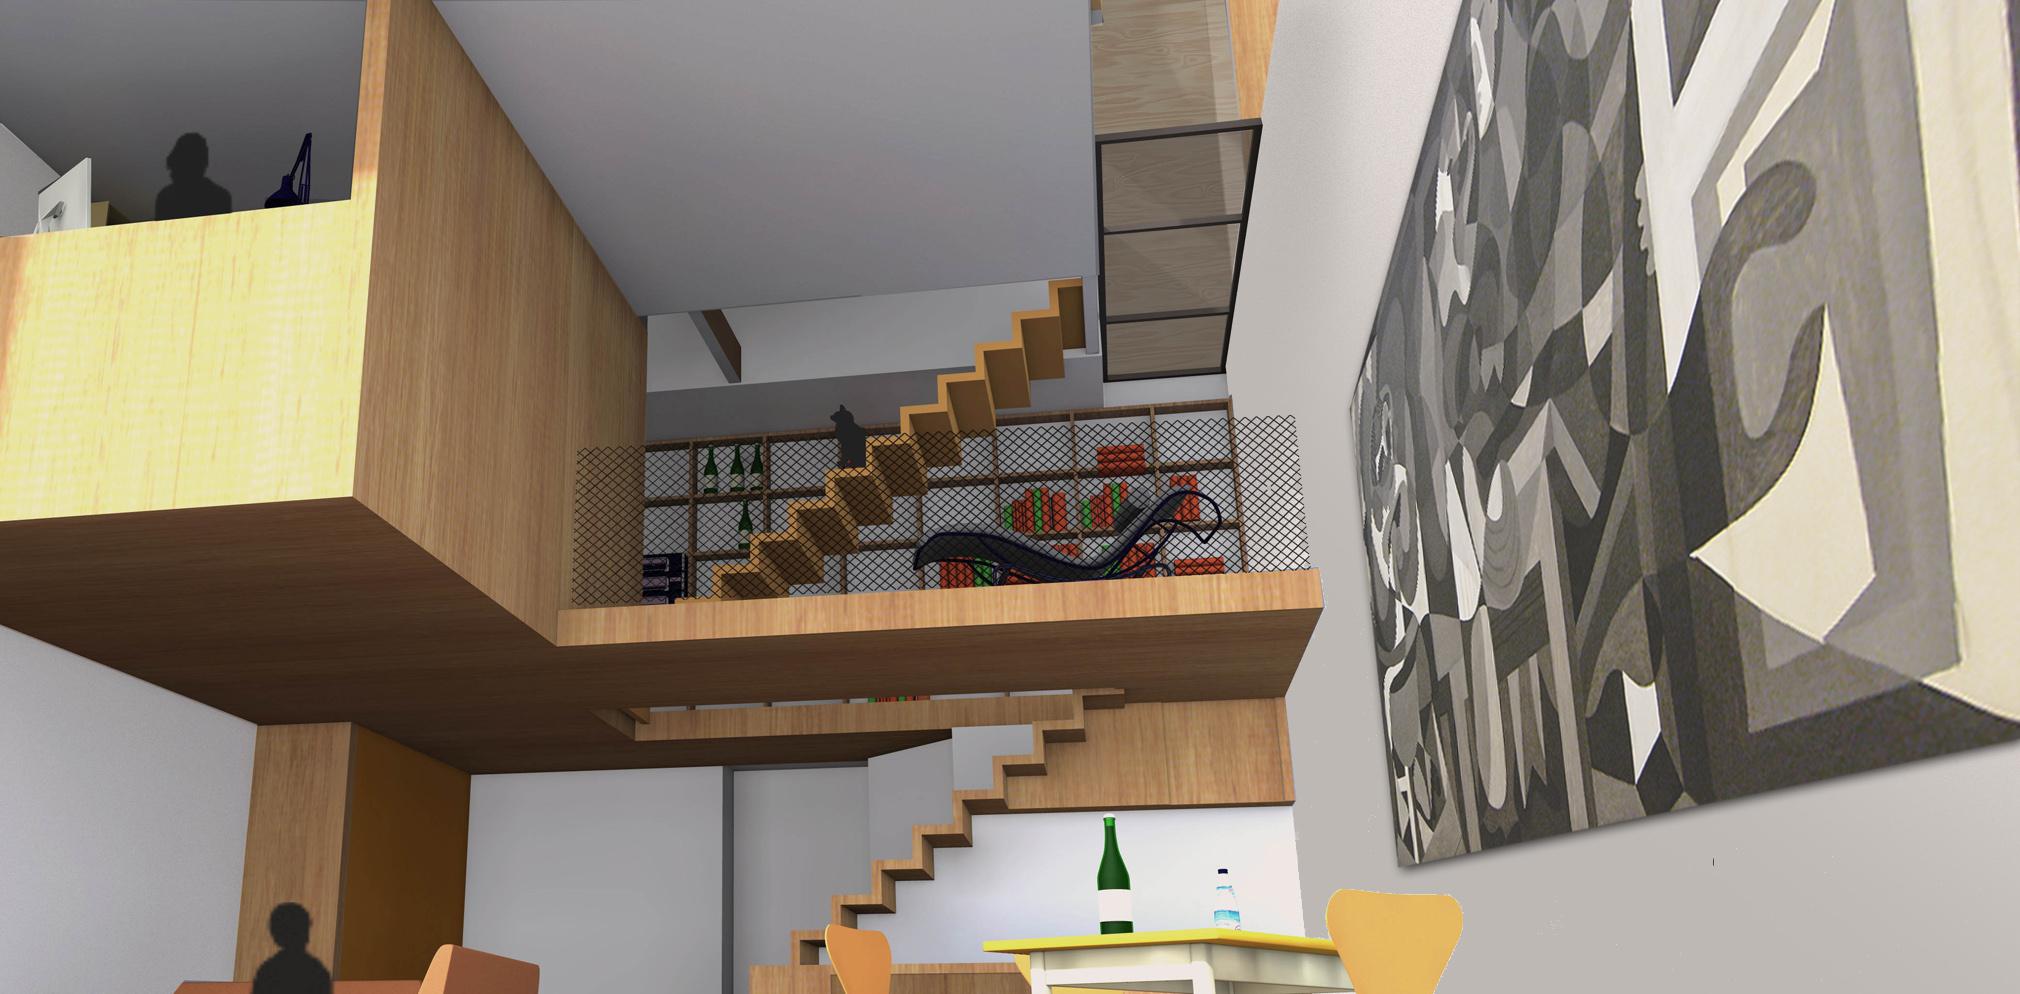 Morfis-Architecture-Loft10-02